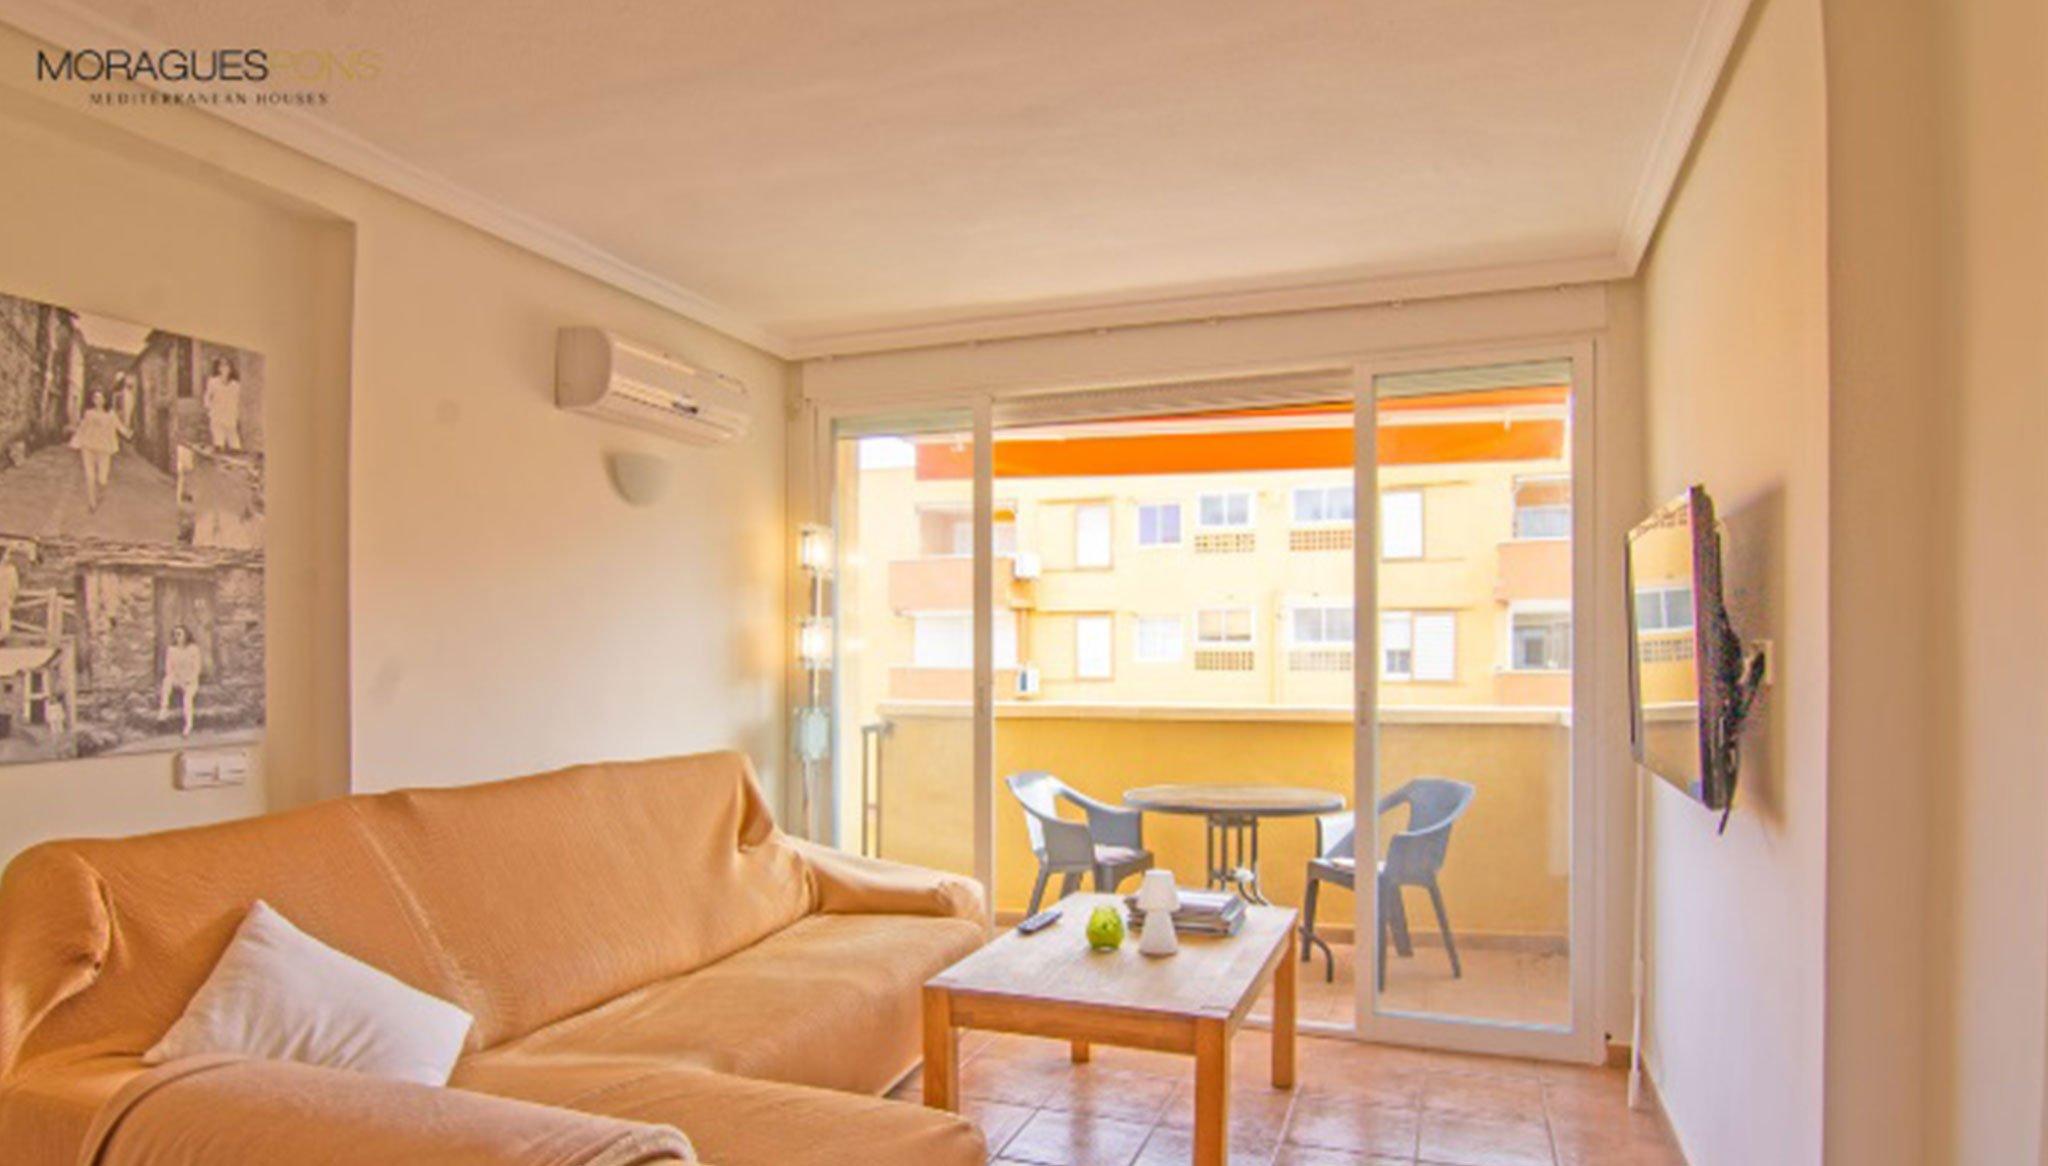 Terraza de un apartamento en venta en Jávea – MORAGUESPONS Mediterranean Houses